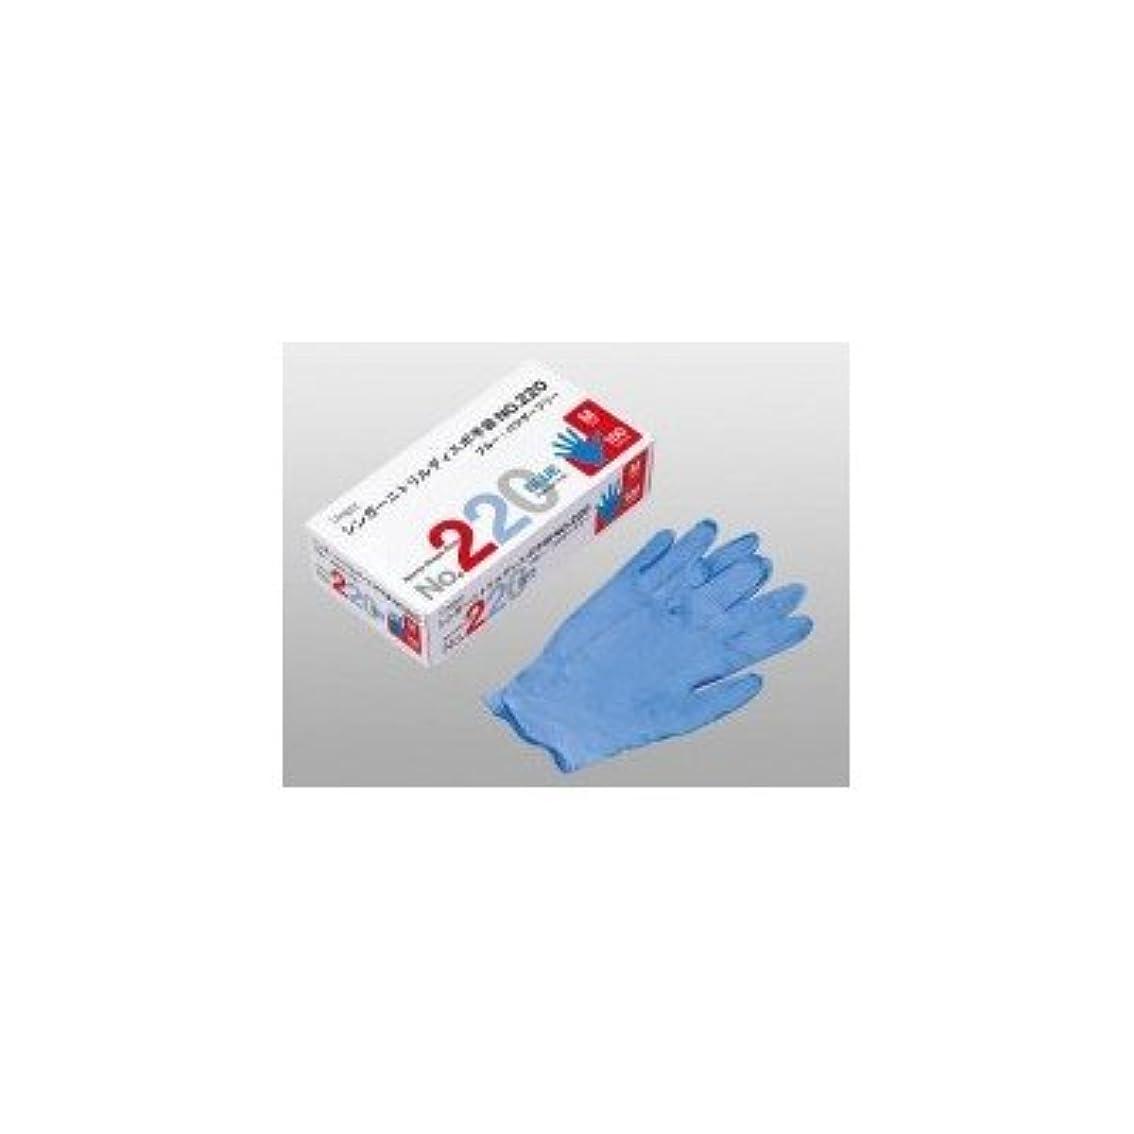 帰する均等にネーピアシンガーニトリルディスポ手袋 No.220 ブルー パウダーフリー(100枚) M( 画像はイメージ画像です お届けの商品はMのみとなります)